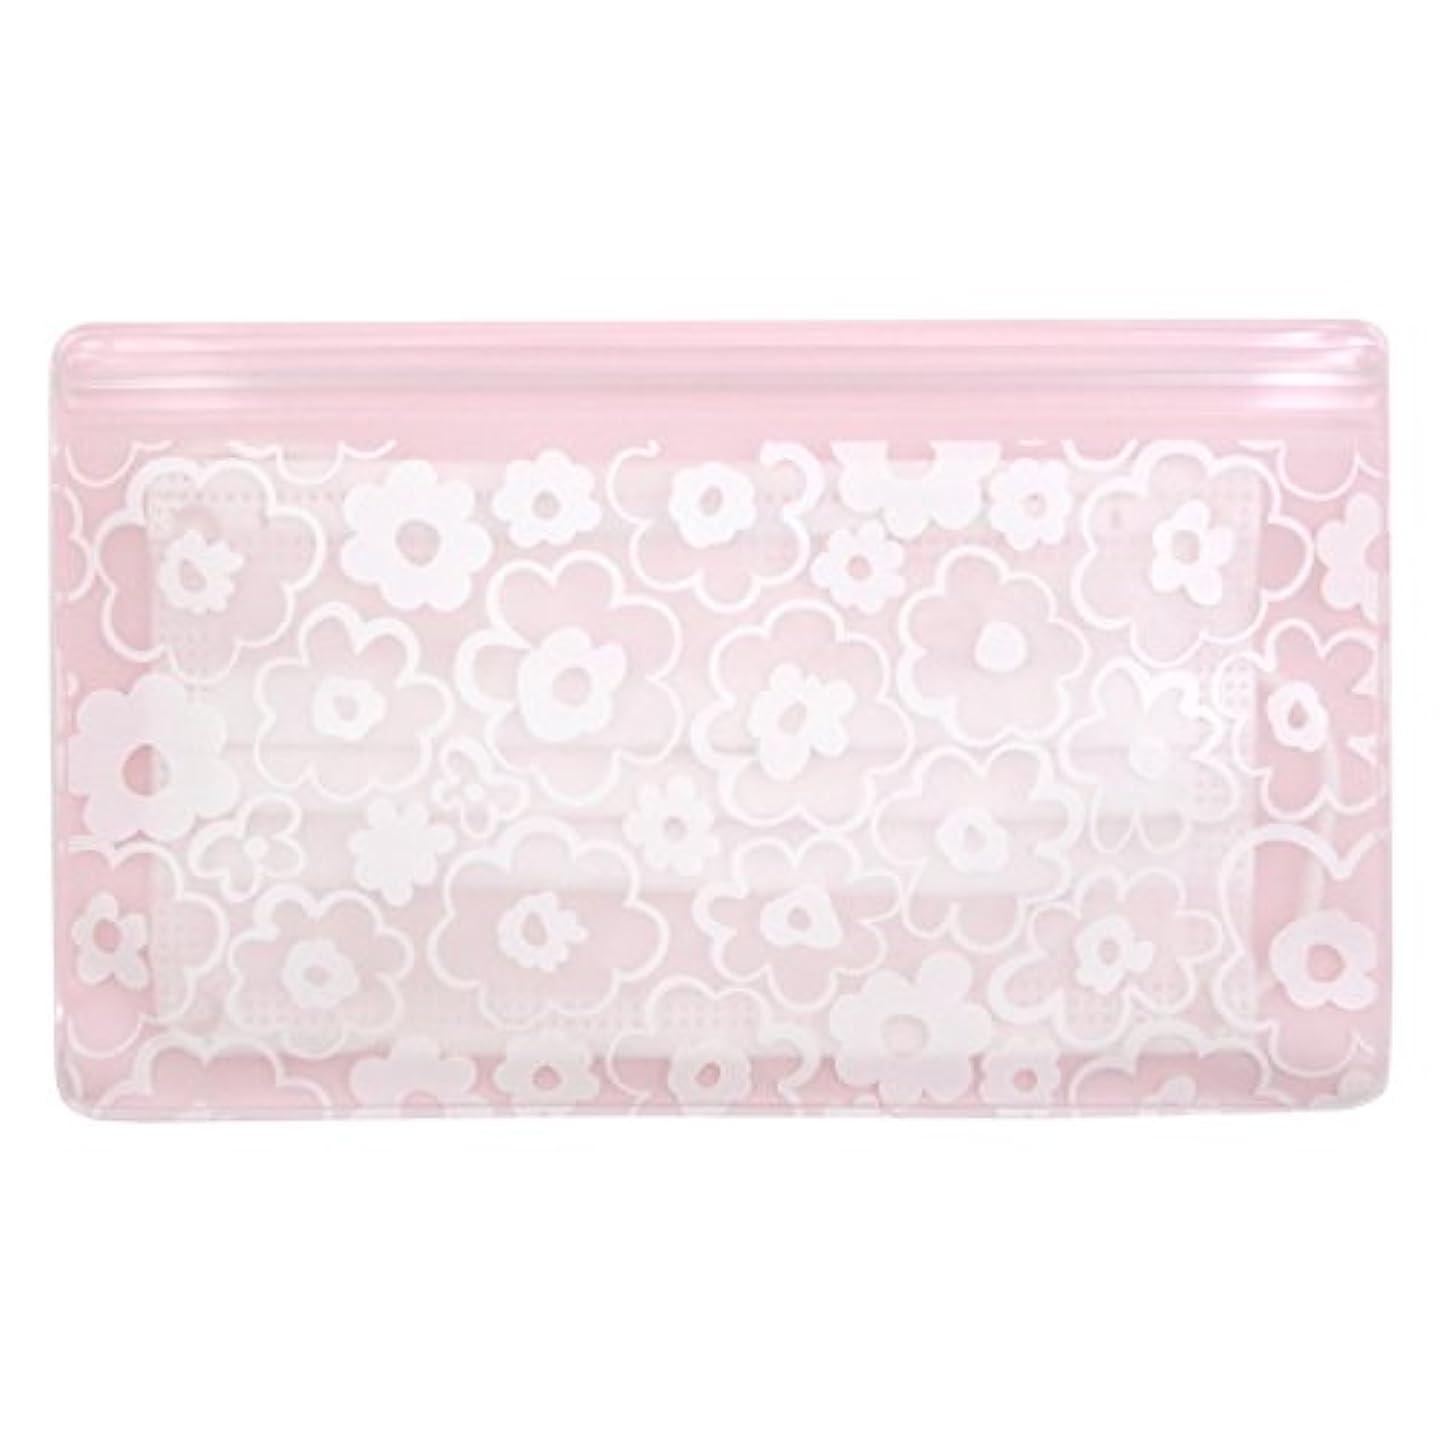 妖精育成科学抗菌マスクケース Wポケット 花柄ピンク いやあらっくす